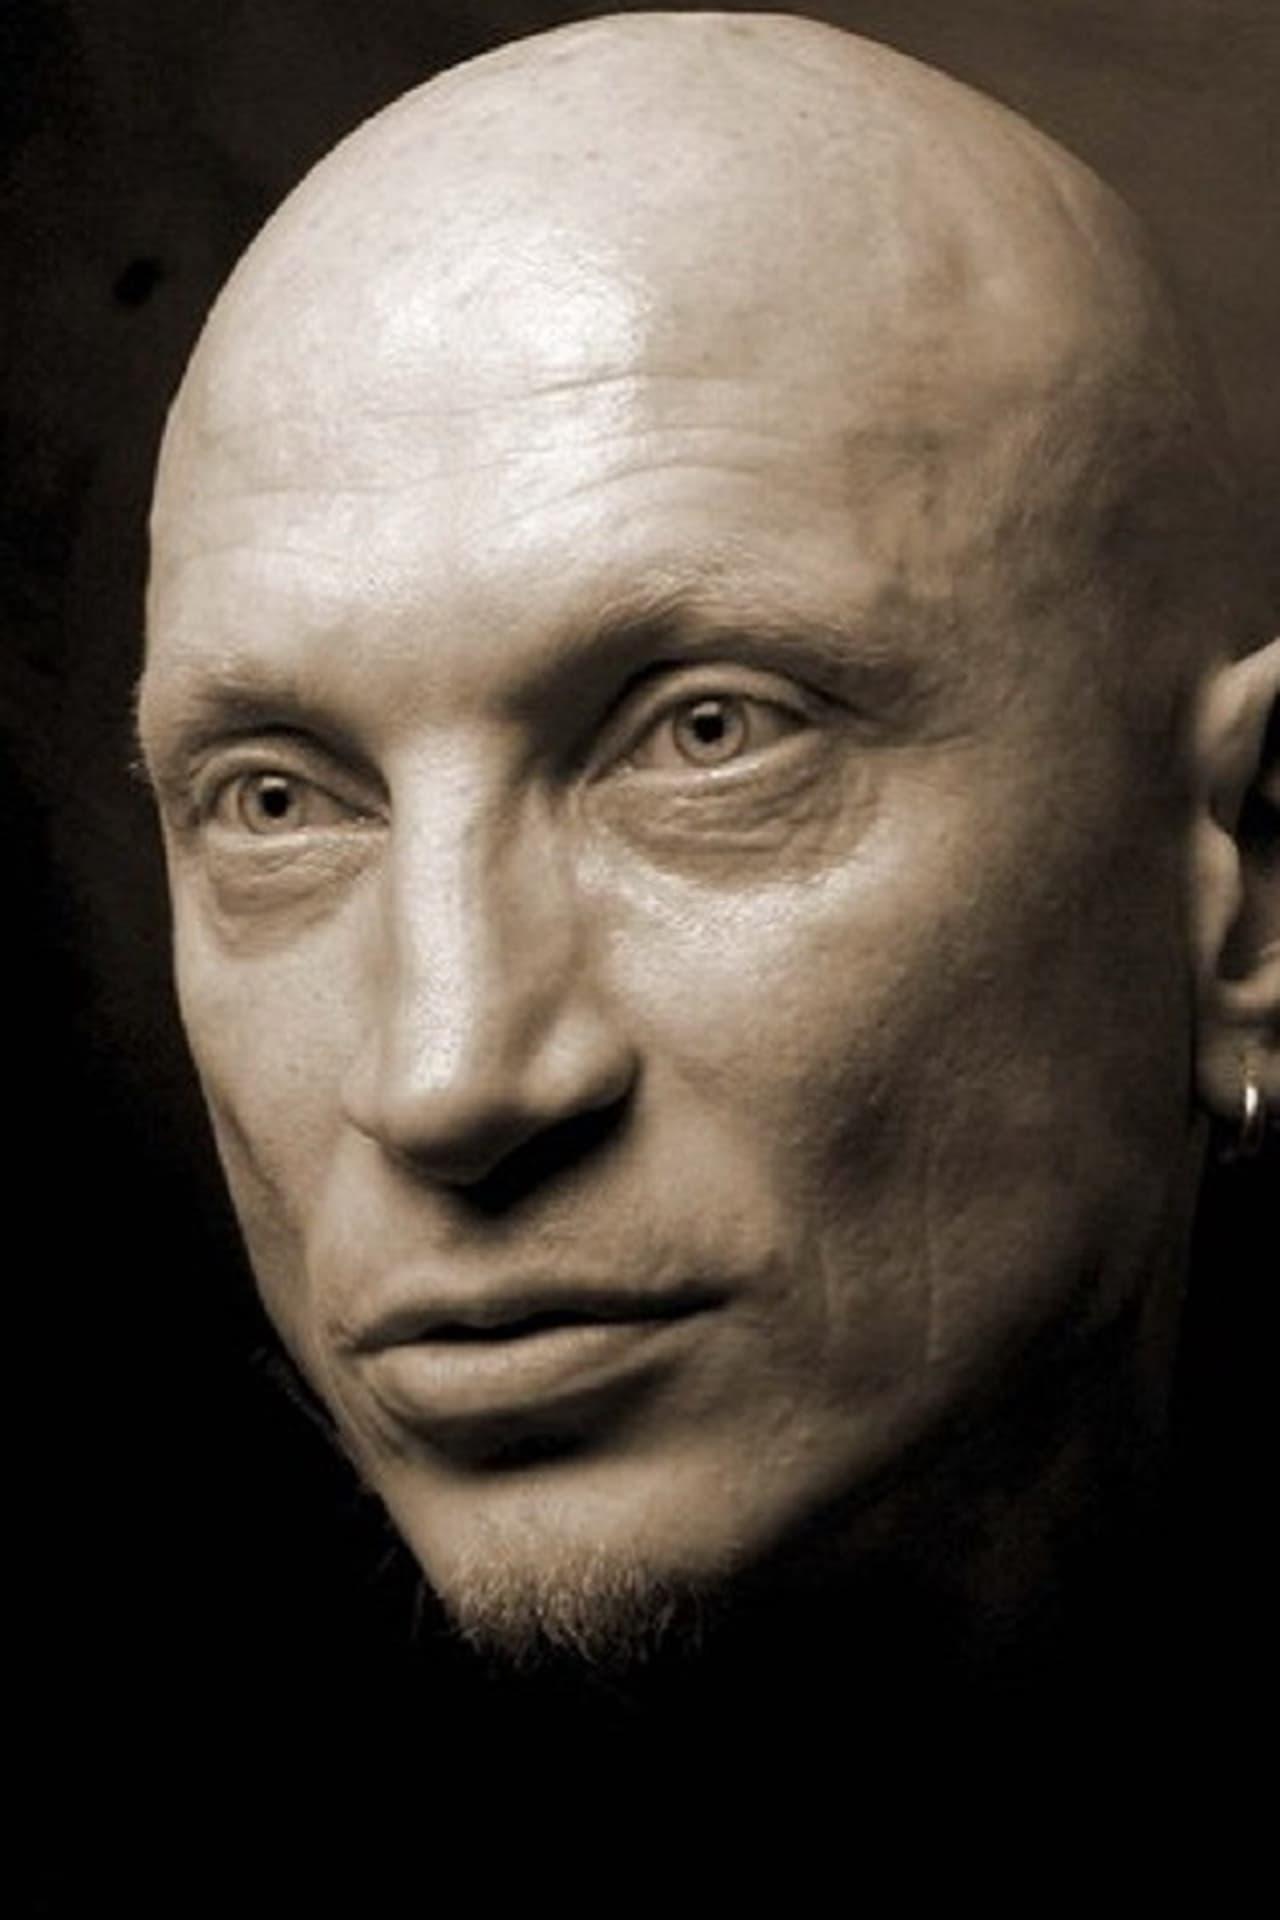 Yevgeniy Fyodorov